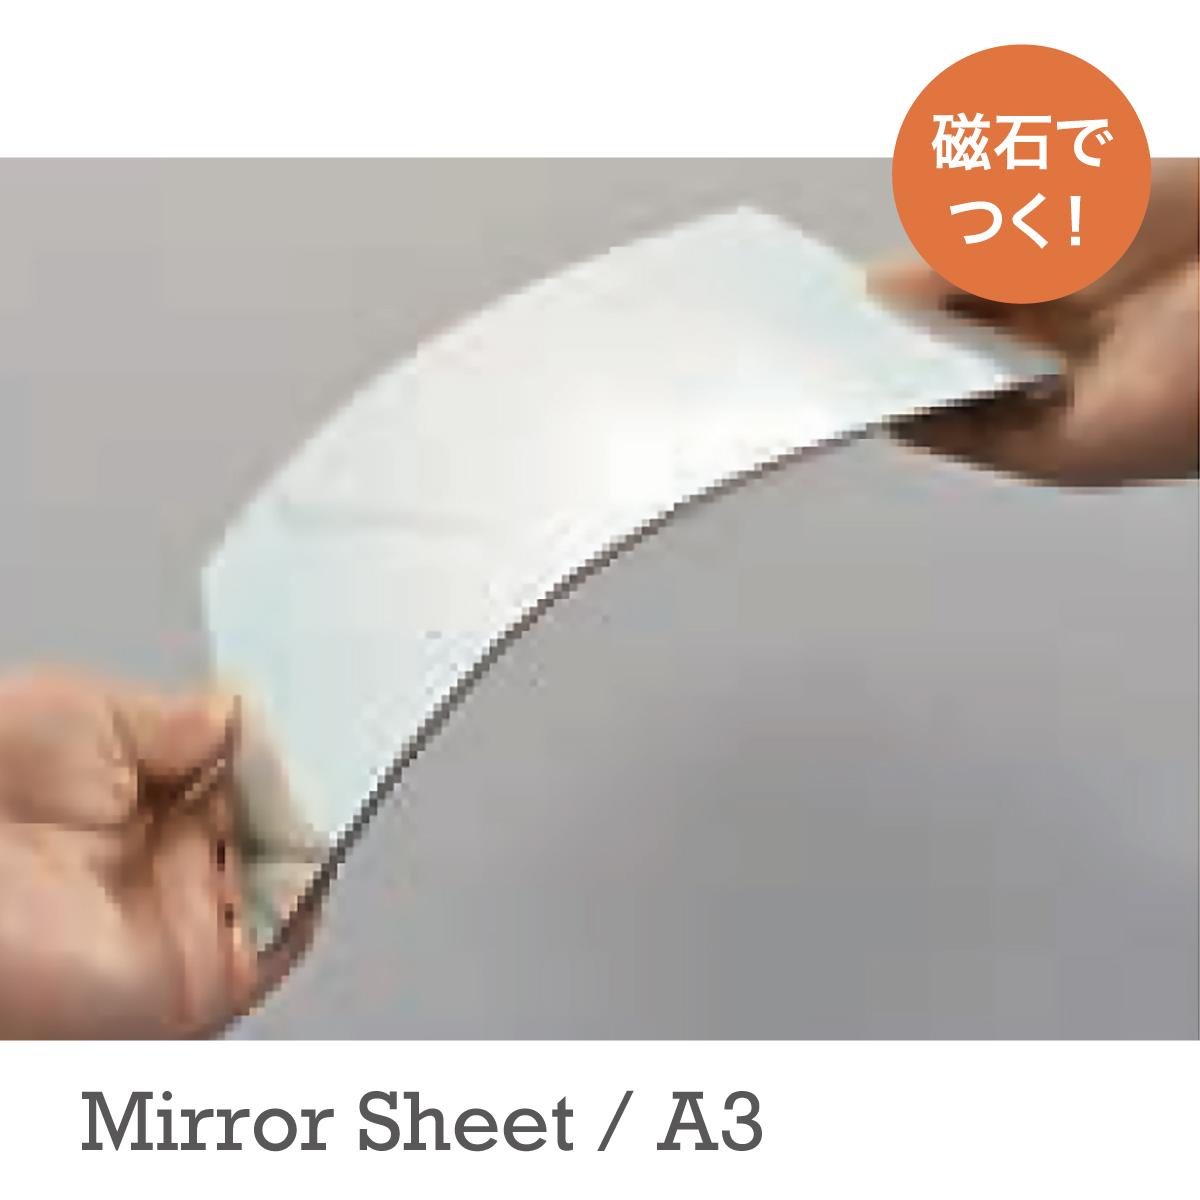 ミラーシート 鏡 割れない 磁石 在庫一掃 磁石で着く割れないミラーシートA3 マグネット 完売